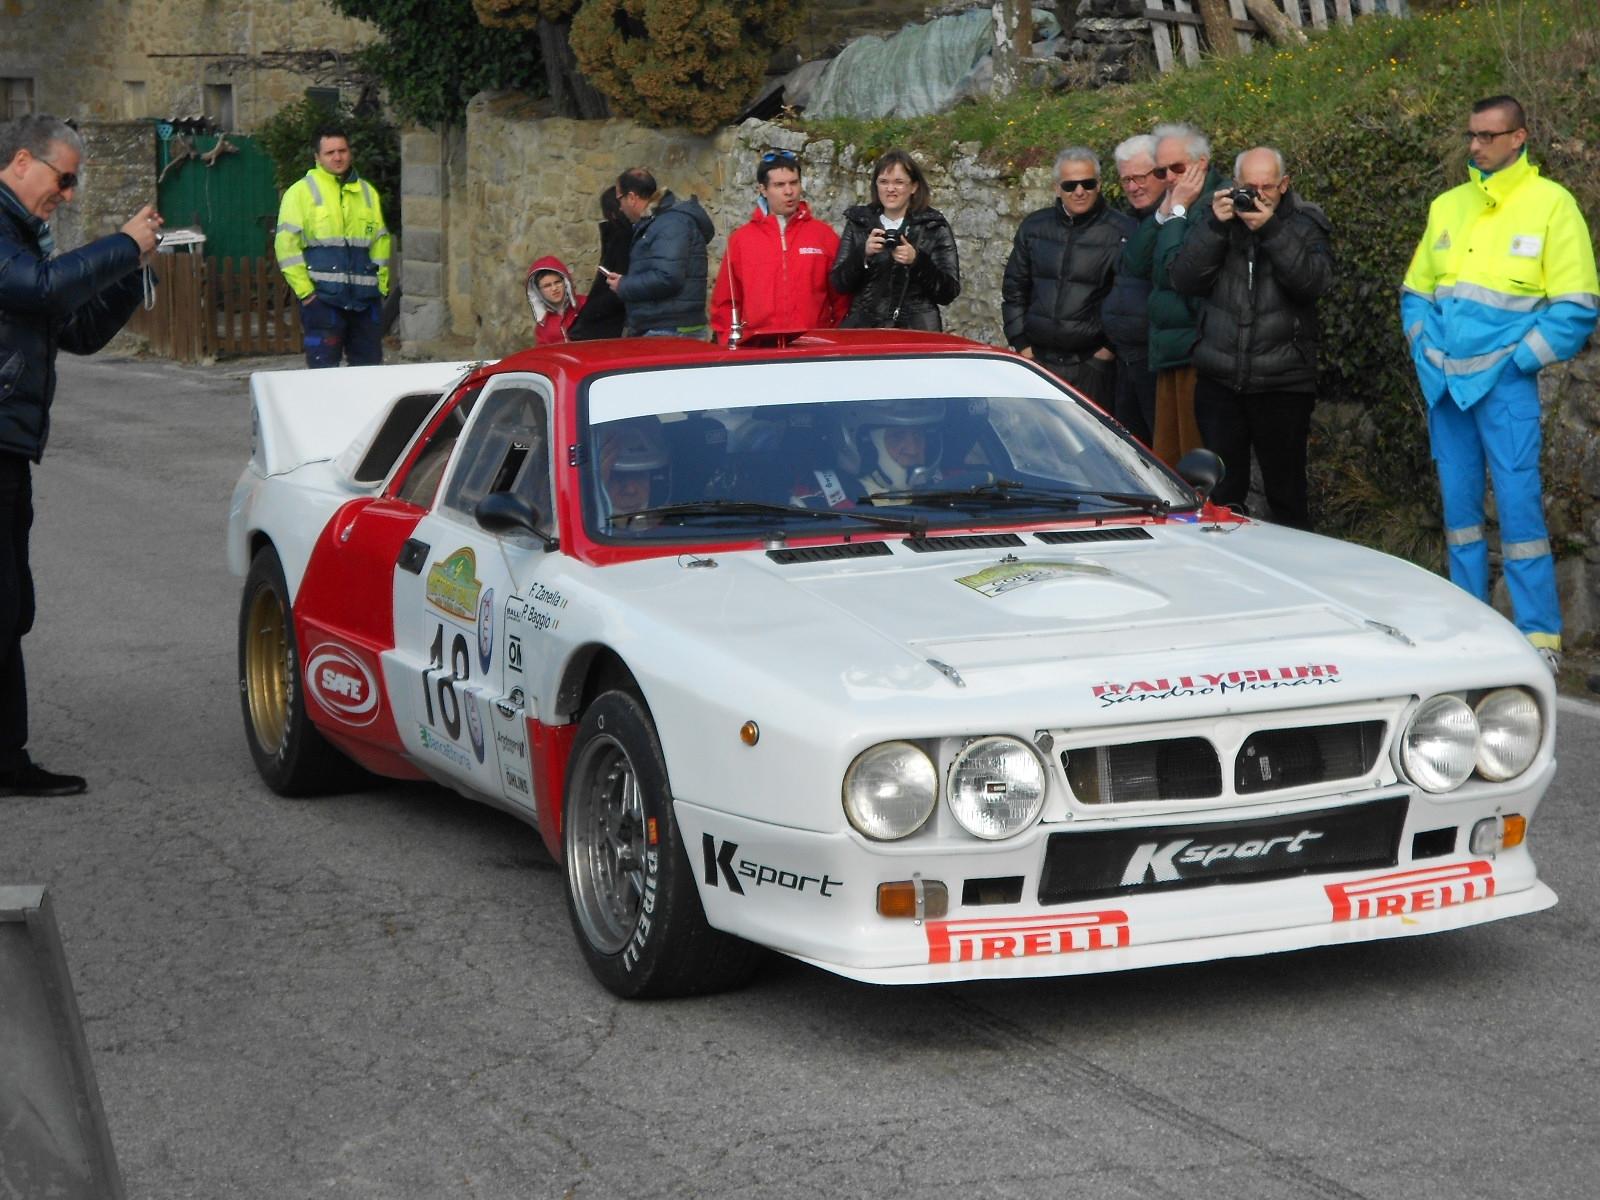 Le foto dell'Hystoric Rally della Valli Aretine: spettacolo a Cortona